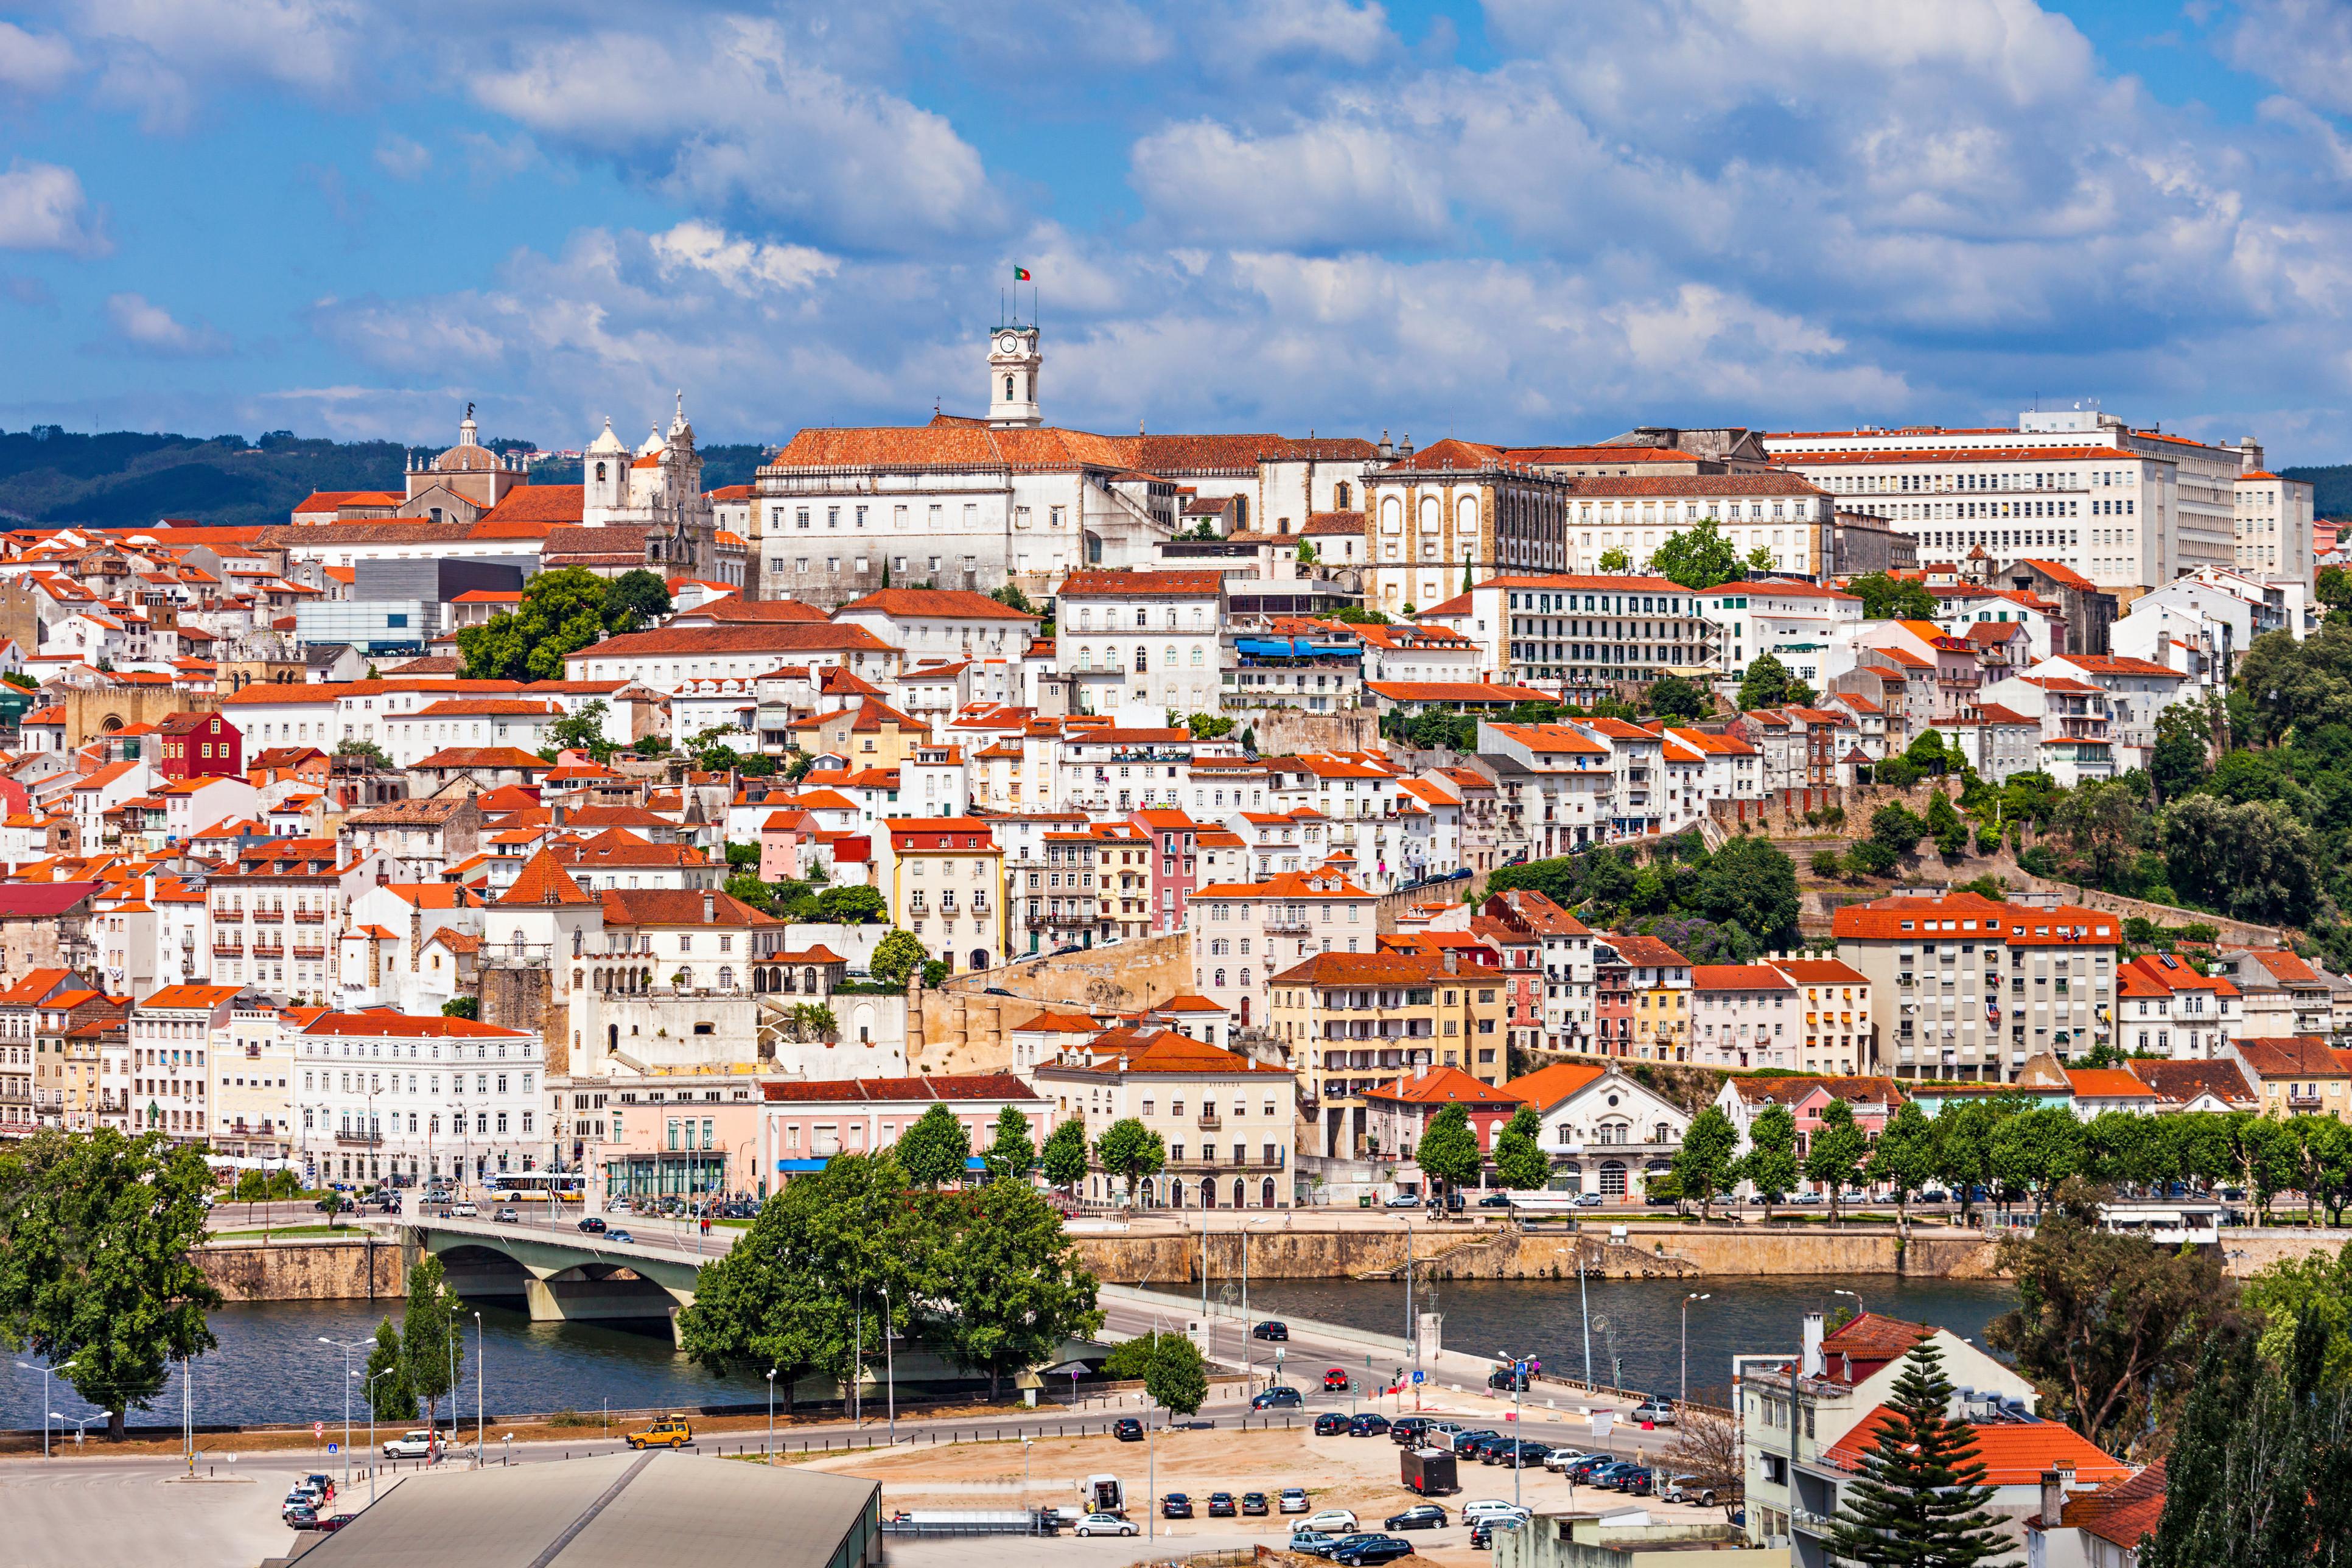 Proposta pretende que Seminário Maior de Coimbra seja monumento nacional